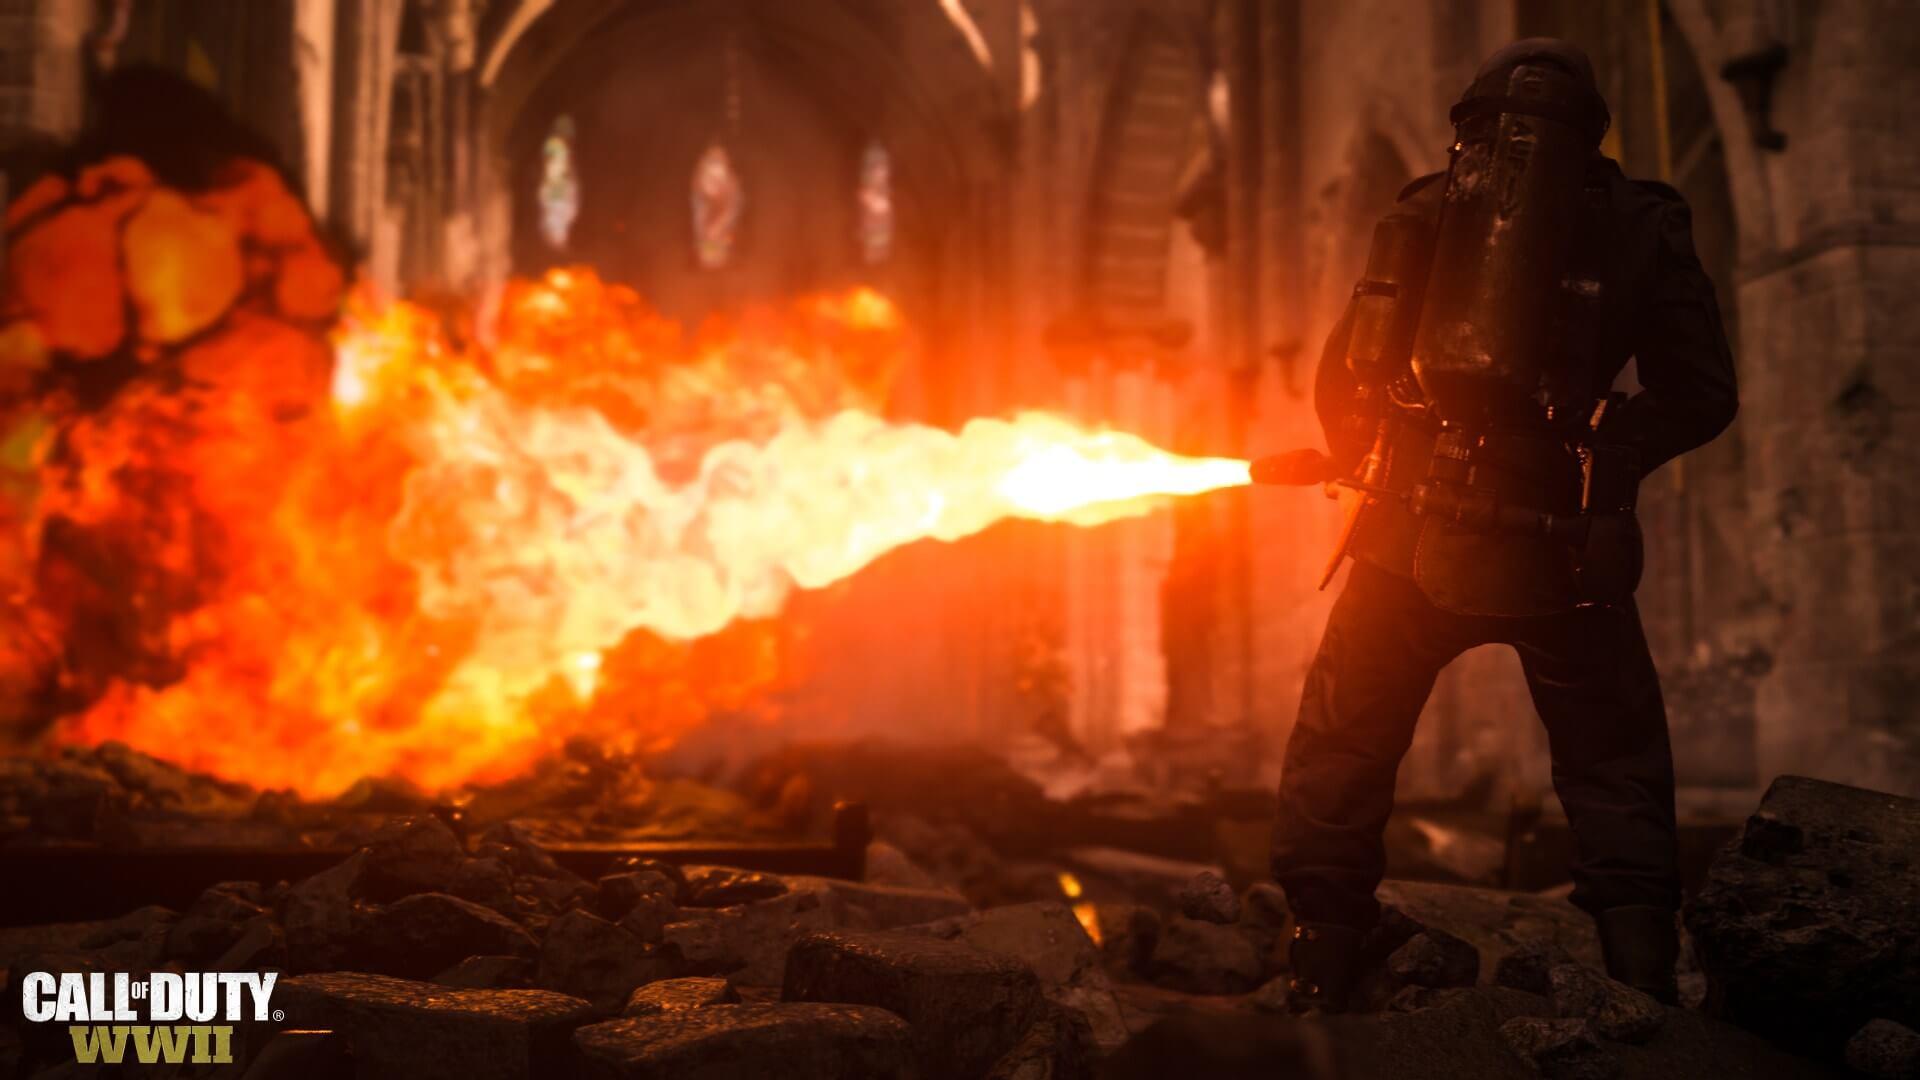 Call of Duty World War 2'ye Kopyacılık Suçlamaları Call of Duty World War 2'ye Kopyacılık Suçlamaları call of duty wwii